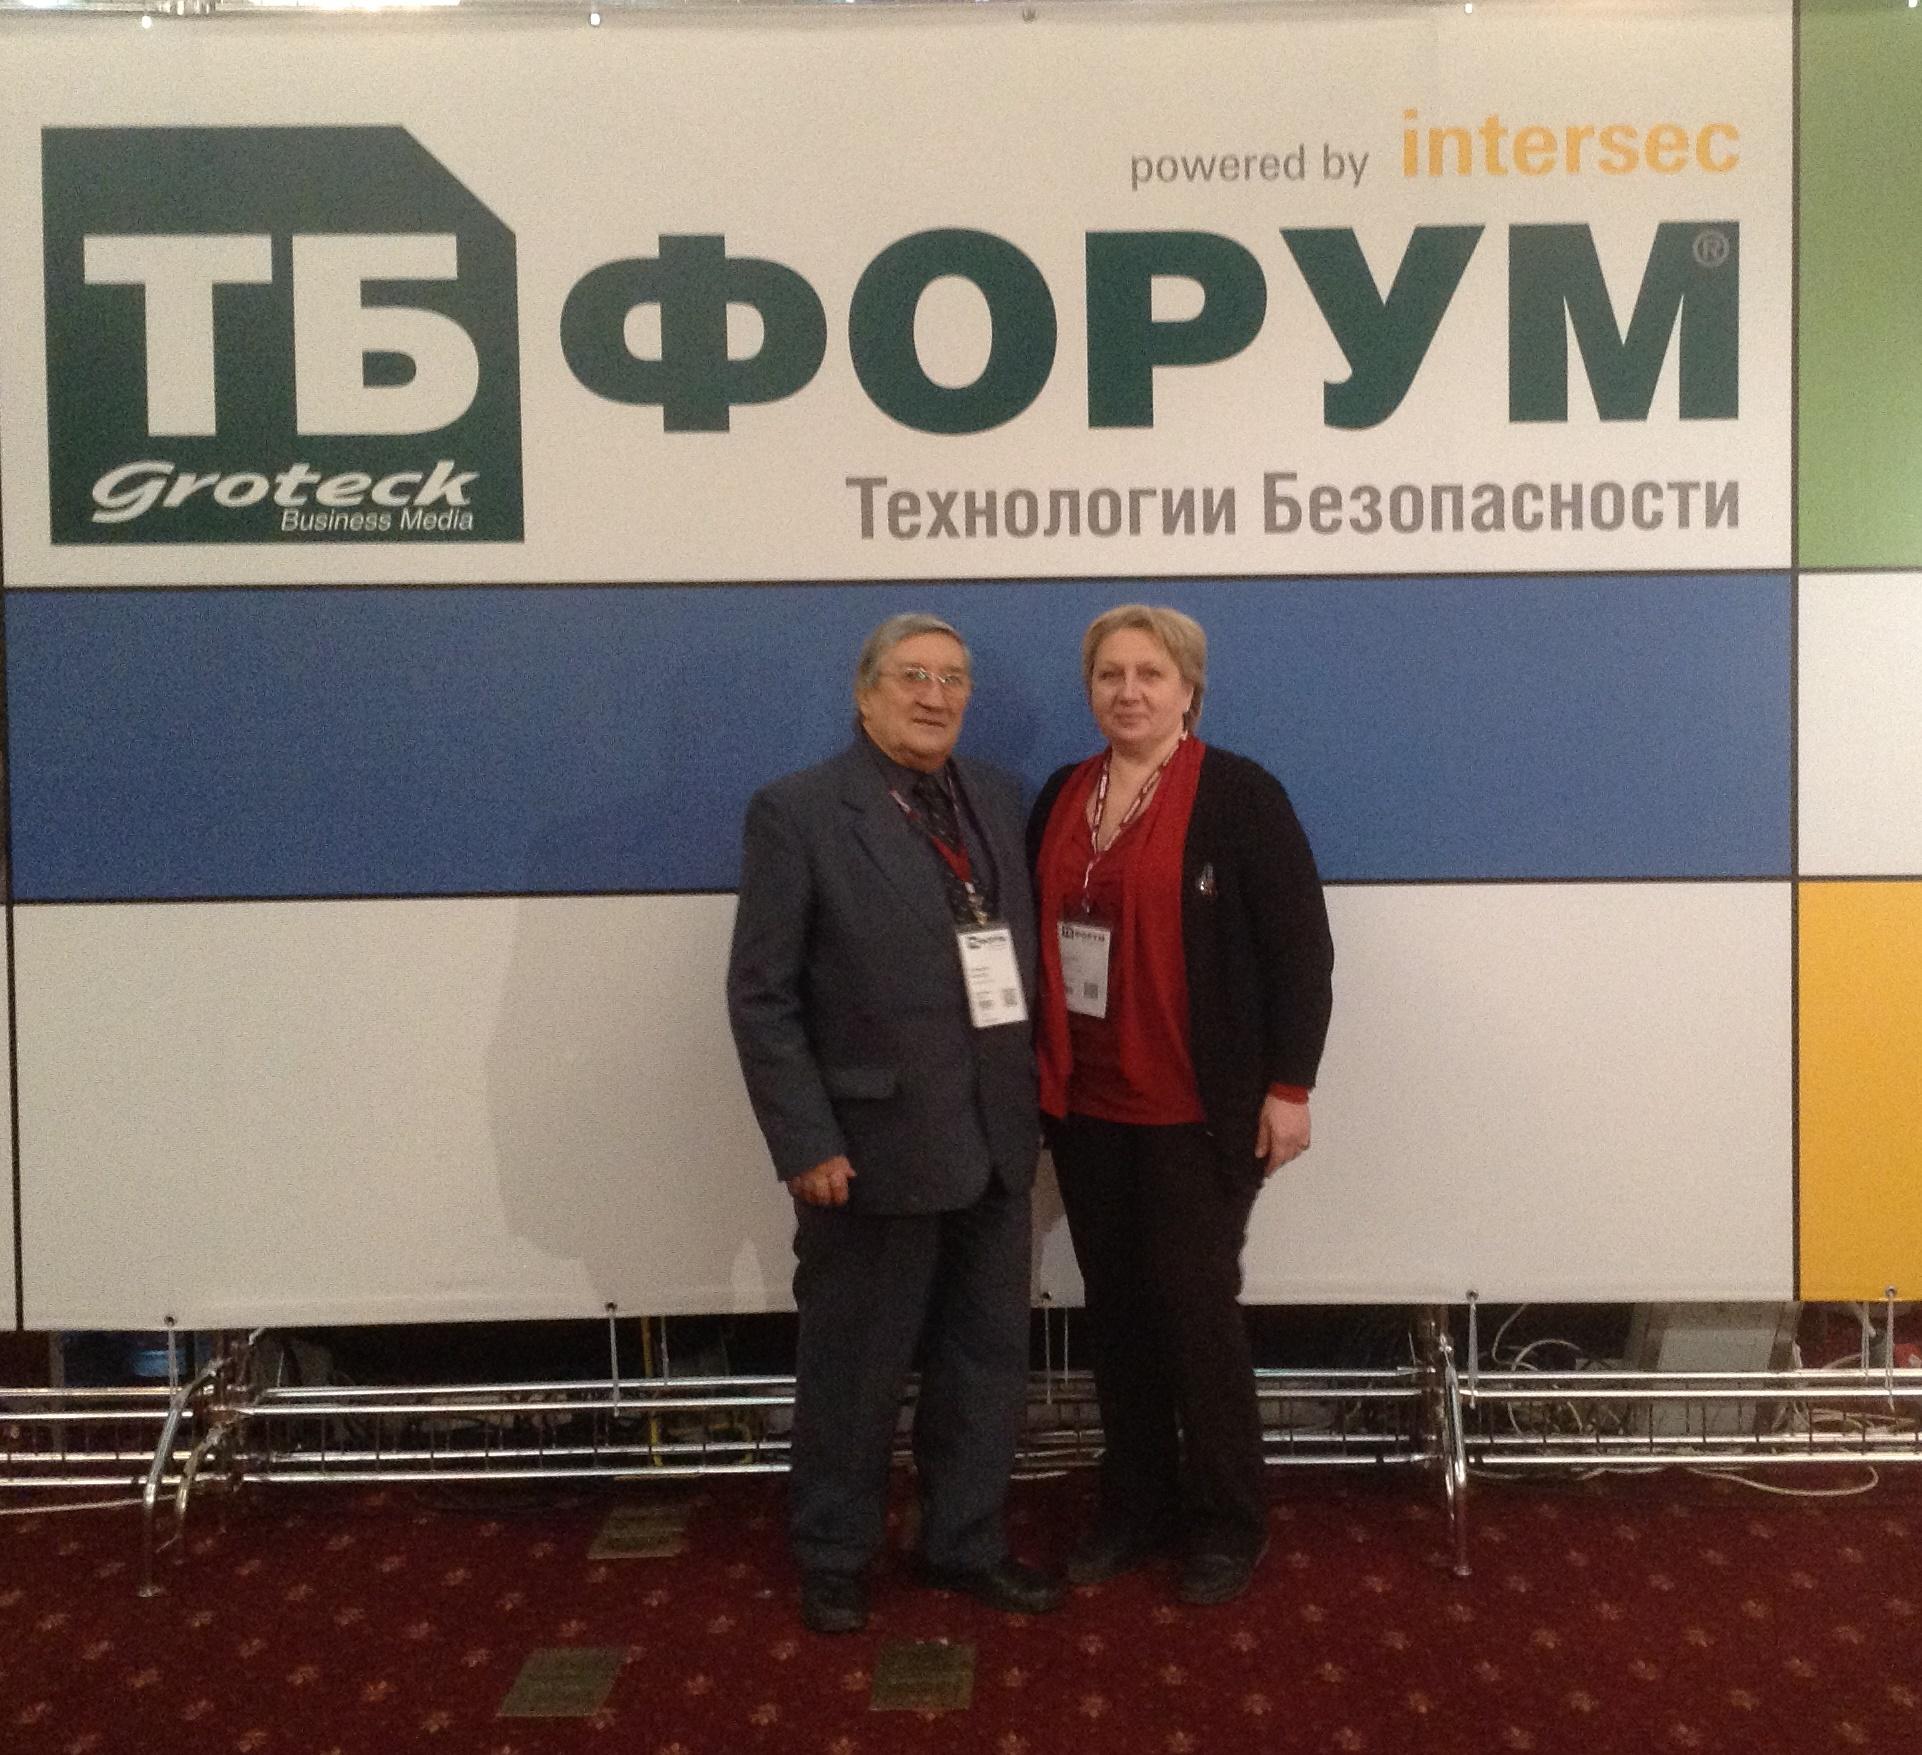 konferentciia-tb-7-8-02-17 А.Г.Кузнецов и Г.В.Антонова